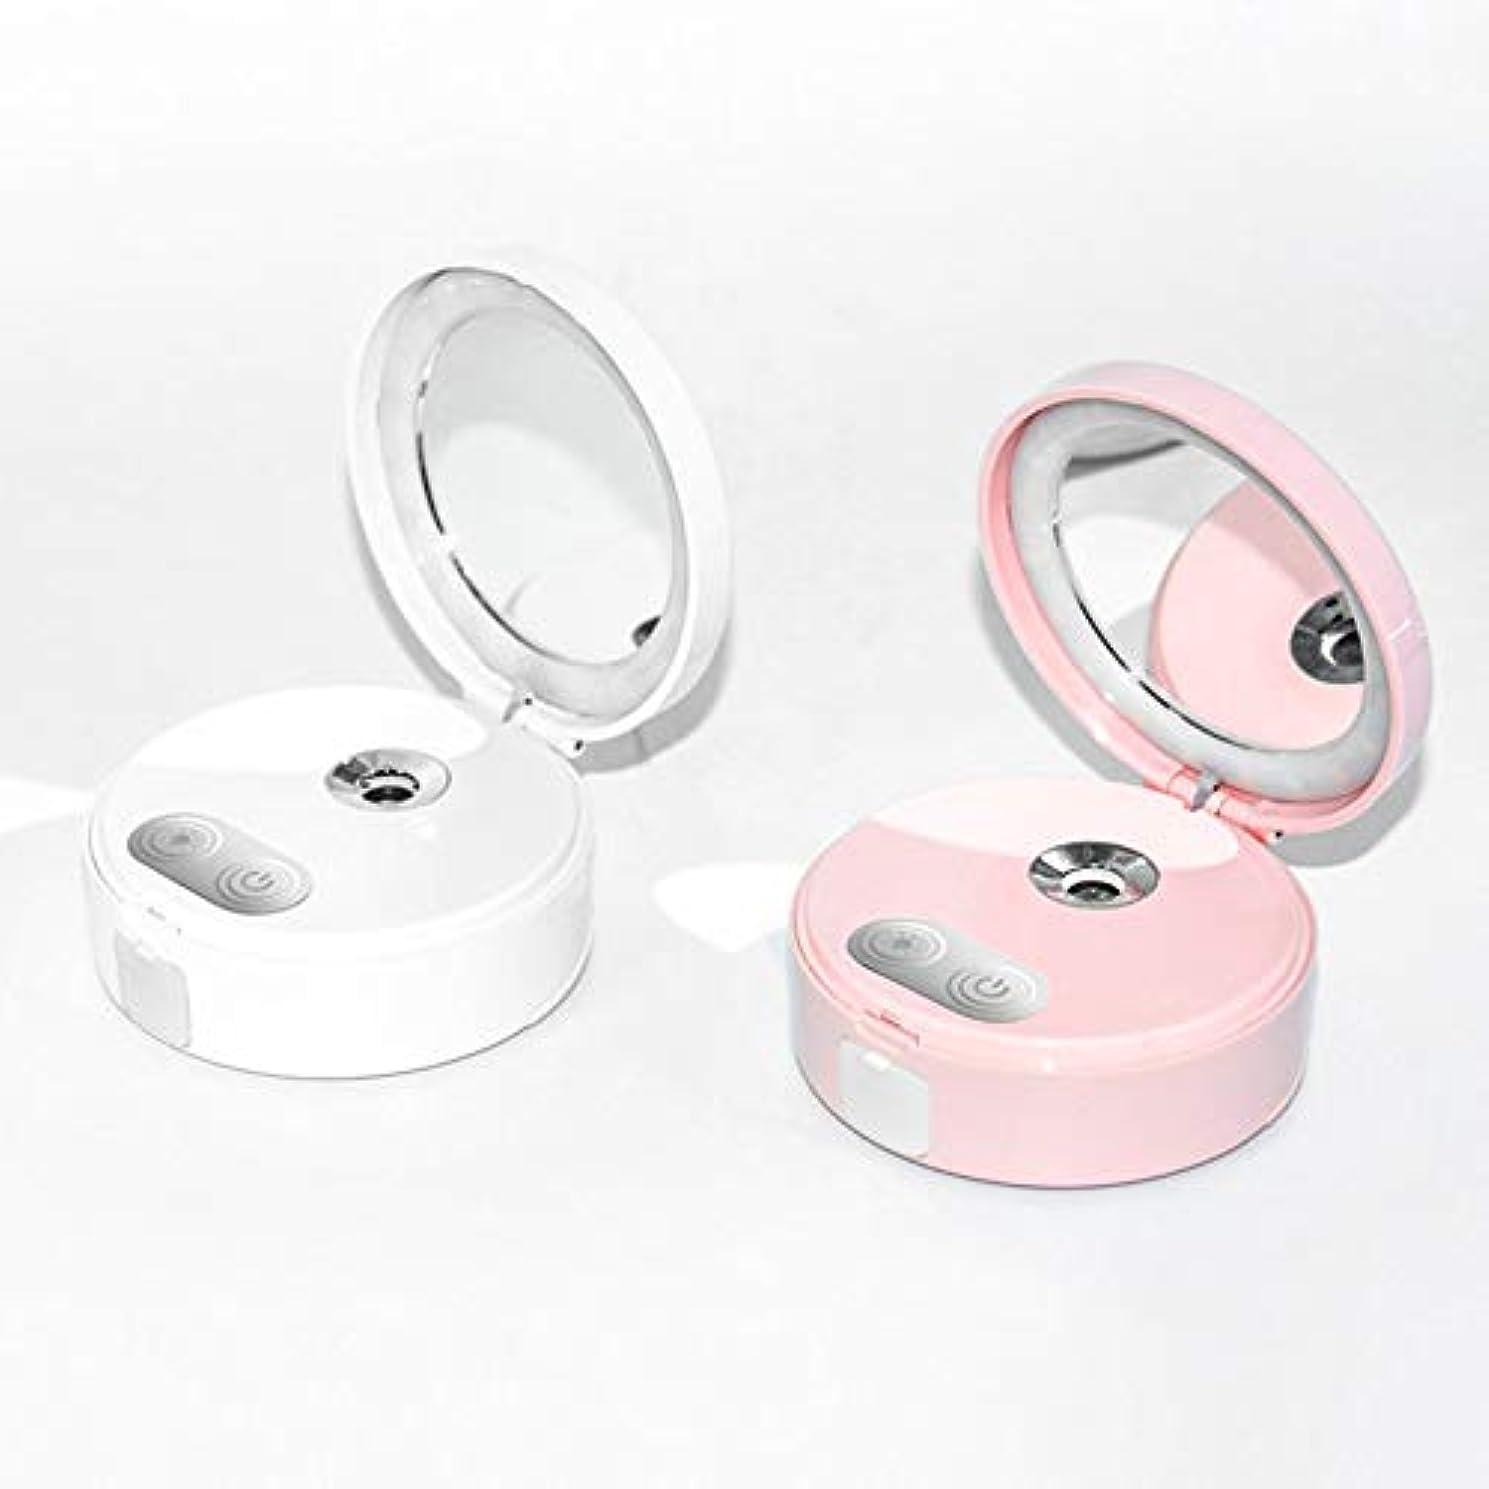 うめき練るトレーニング流行の ポータブル化粧鏡ナノスプレー水道メーターで充電宝物フィルライト機能三色調光マッサージマッサージミラー美容ミラーホワイトピンク